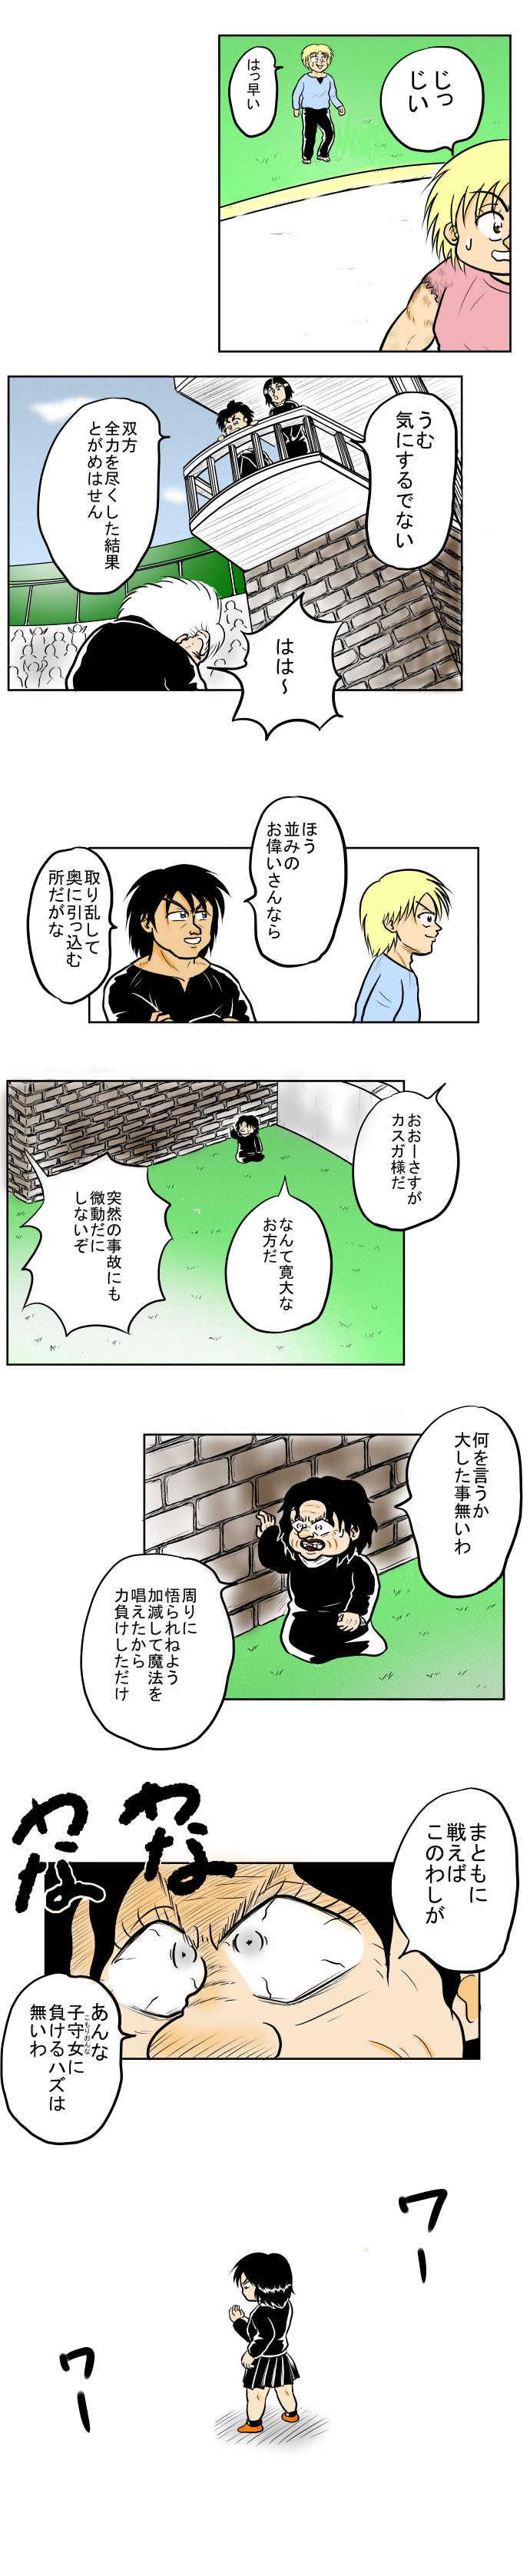 危うしポチャチヨ君!!